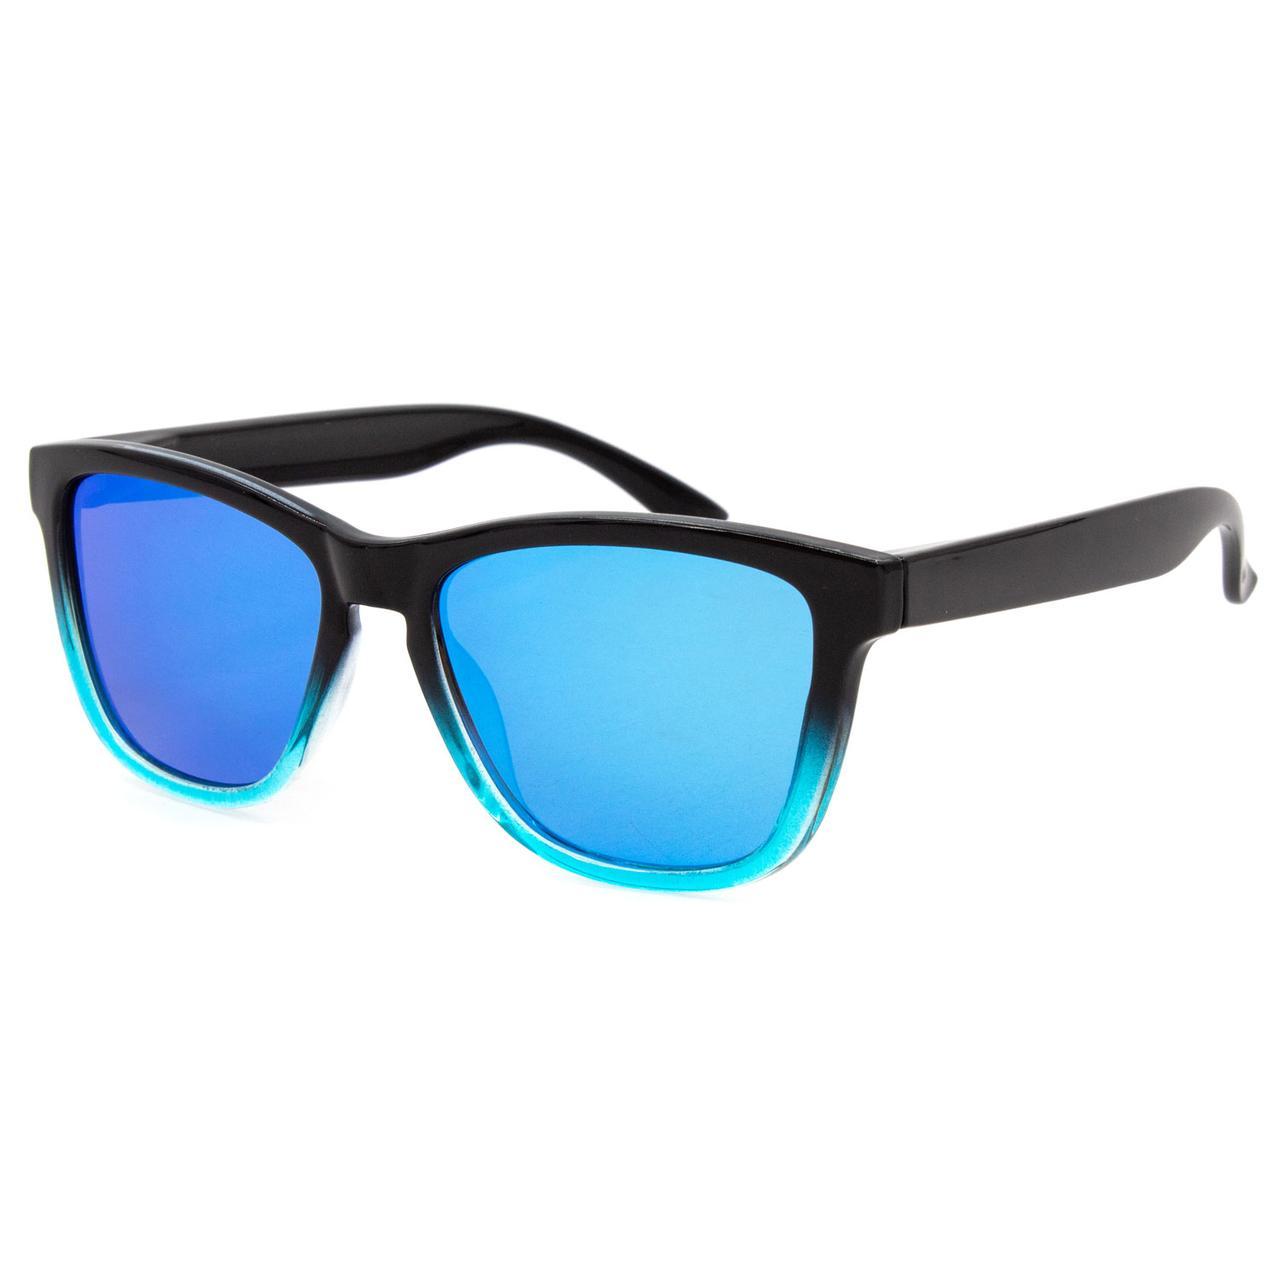 Солнцезащитные очки Marmilen Polar P0717 спорт C7 голубые с зеркальным покрытием  ( P0717-07 )